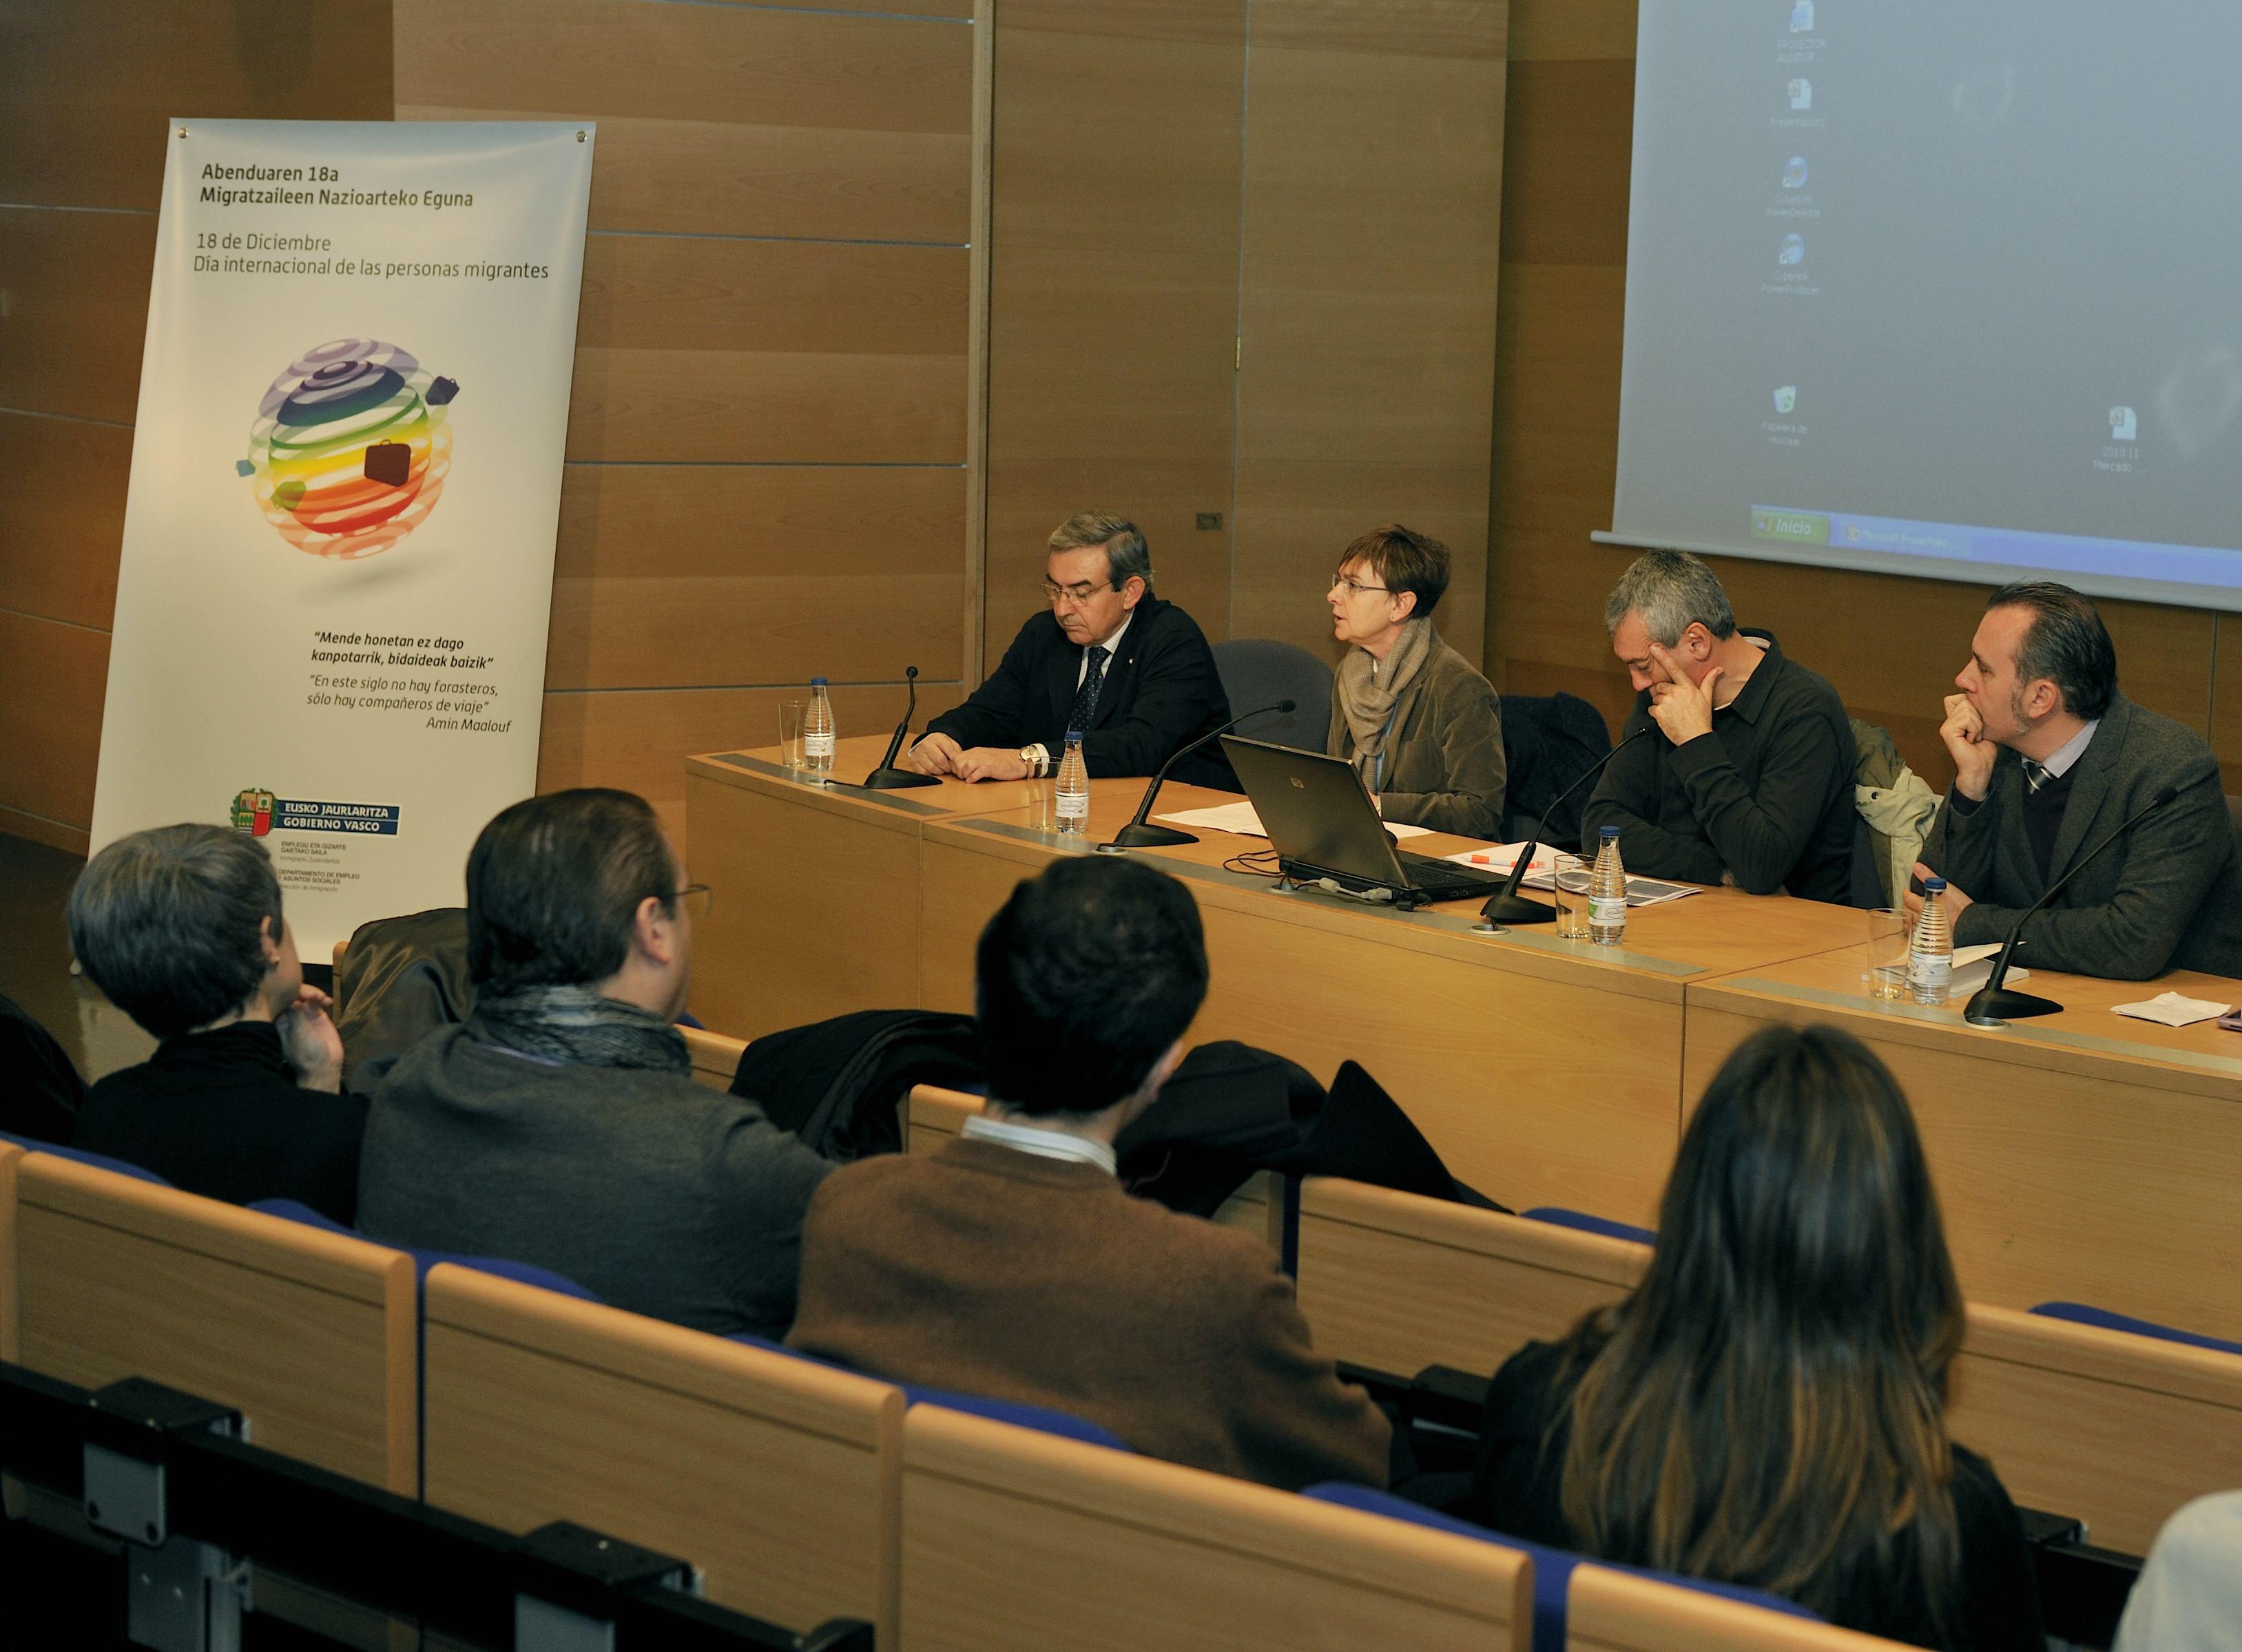 seminario_inmigracion4.jpg